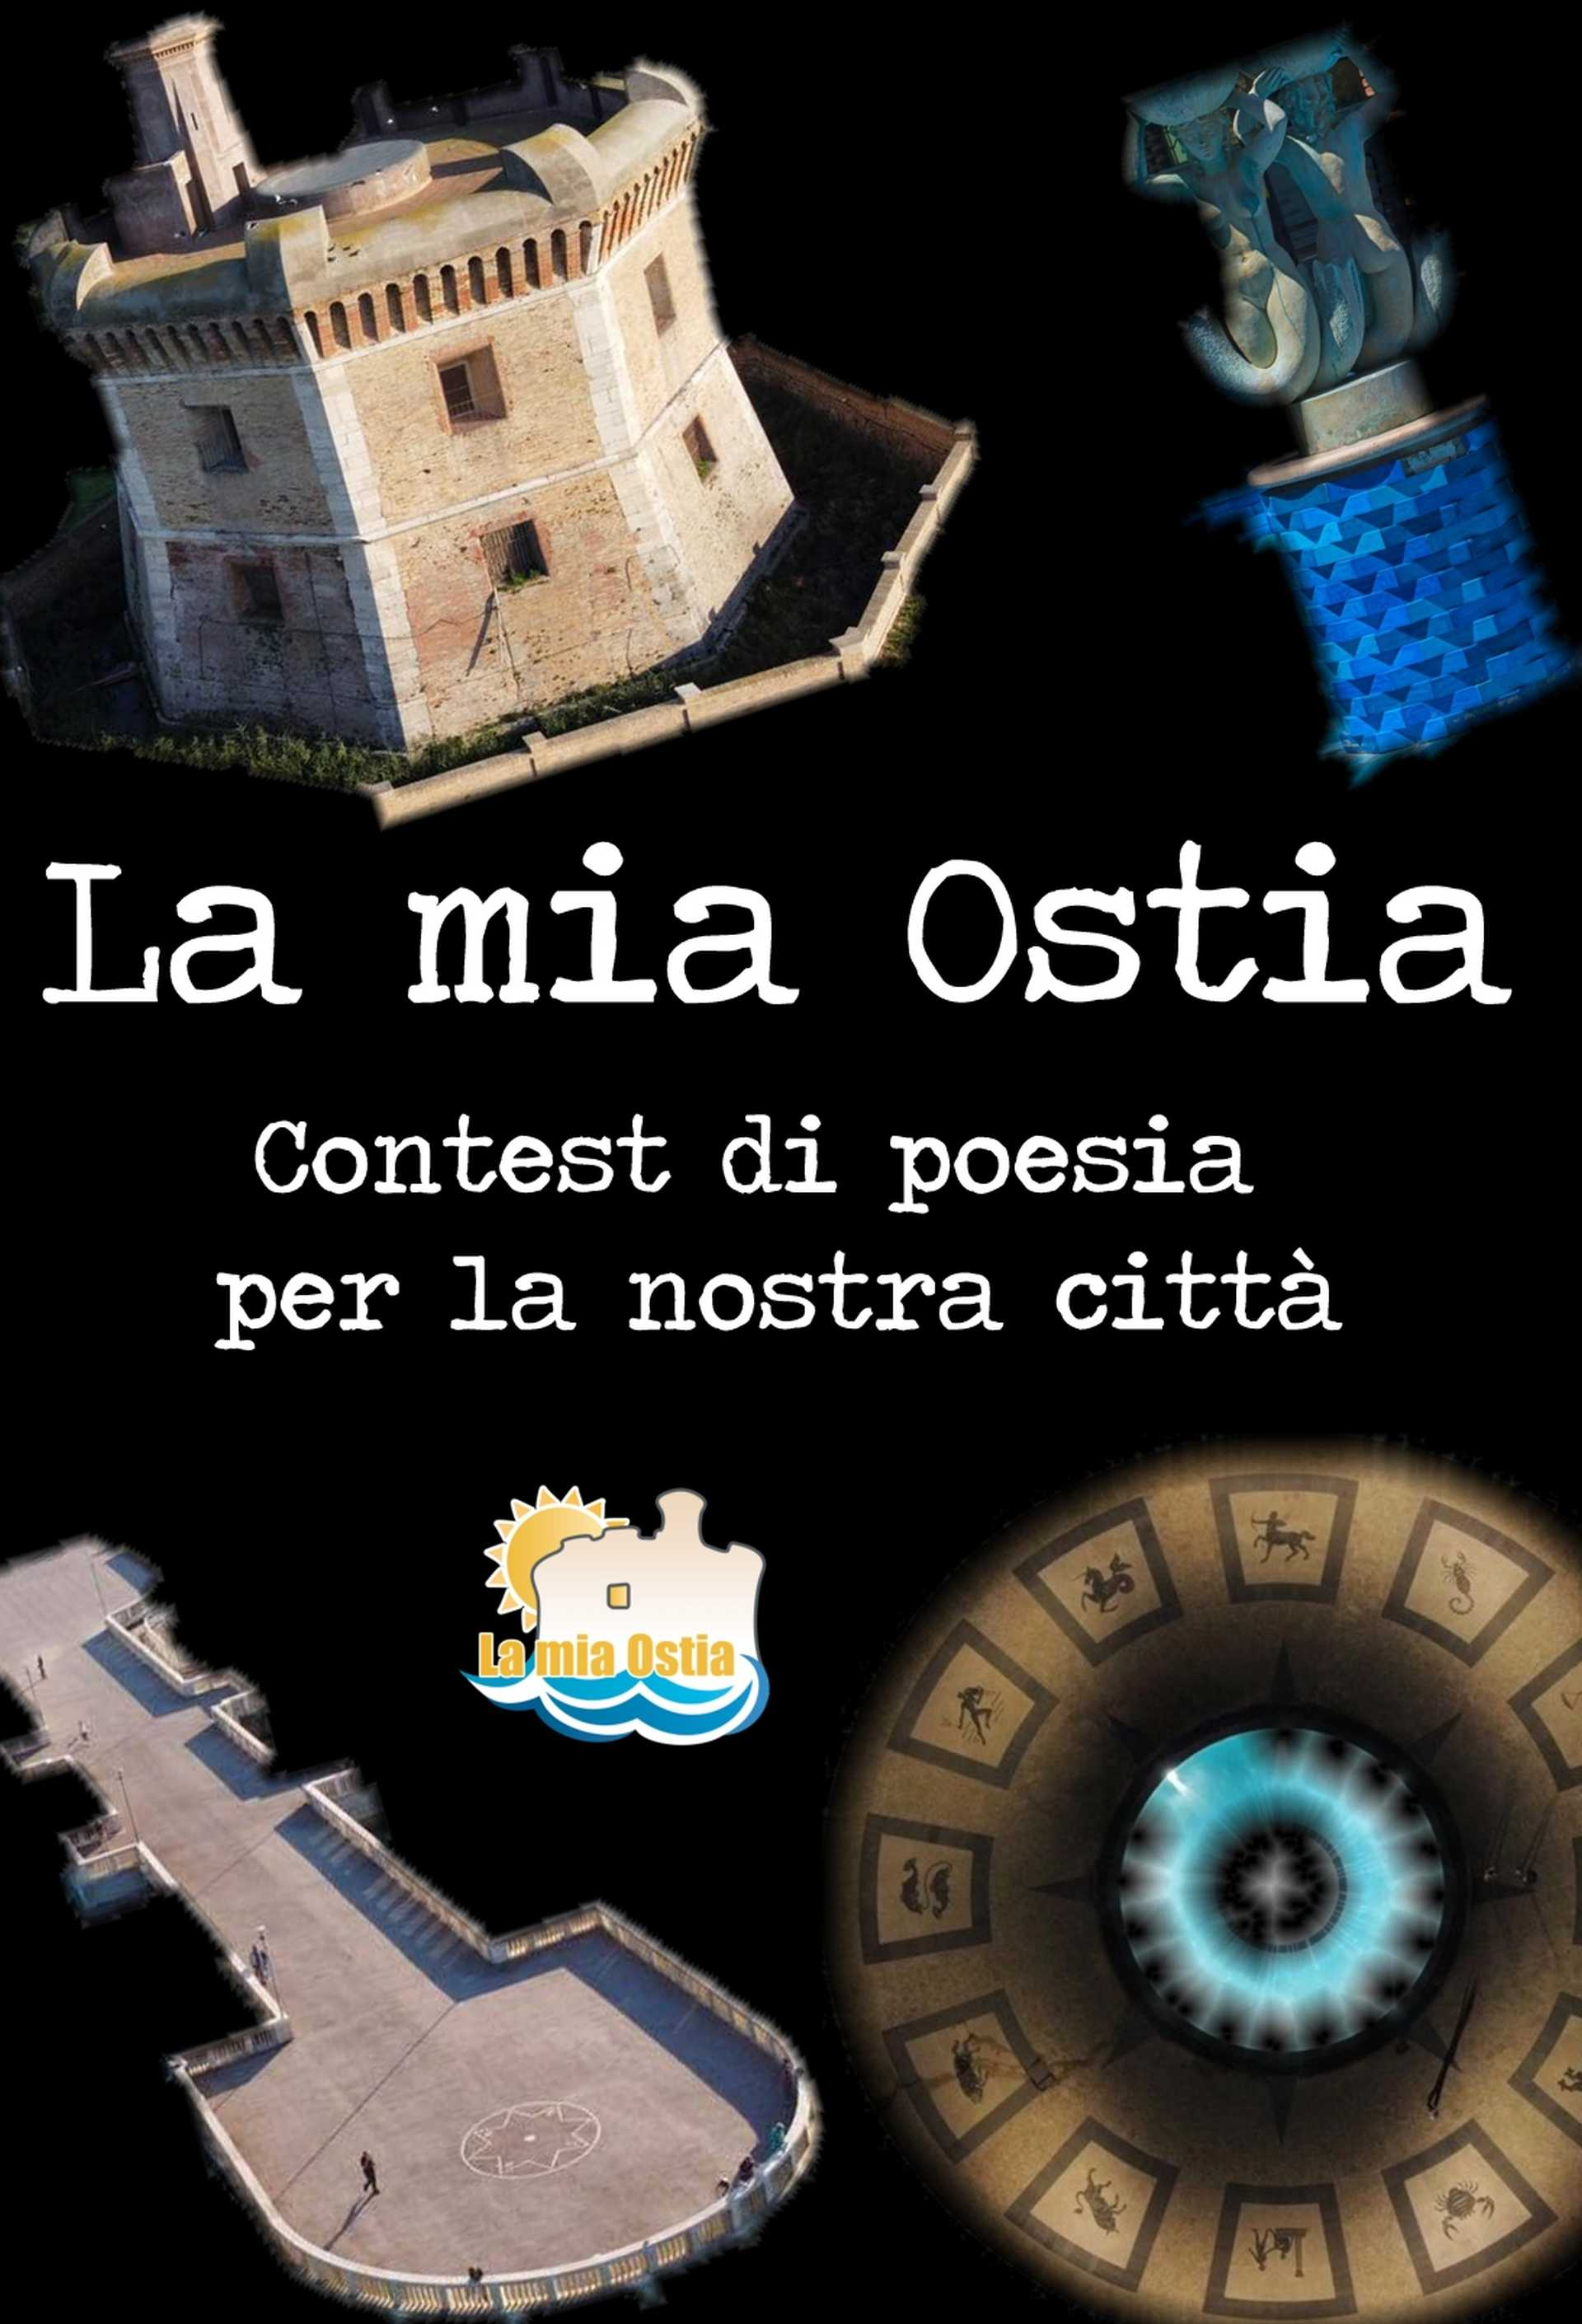 La mia Ostia con la voce di Luca Ward e testo di Adriano Mancini